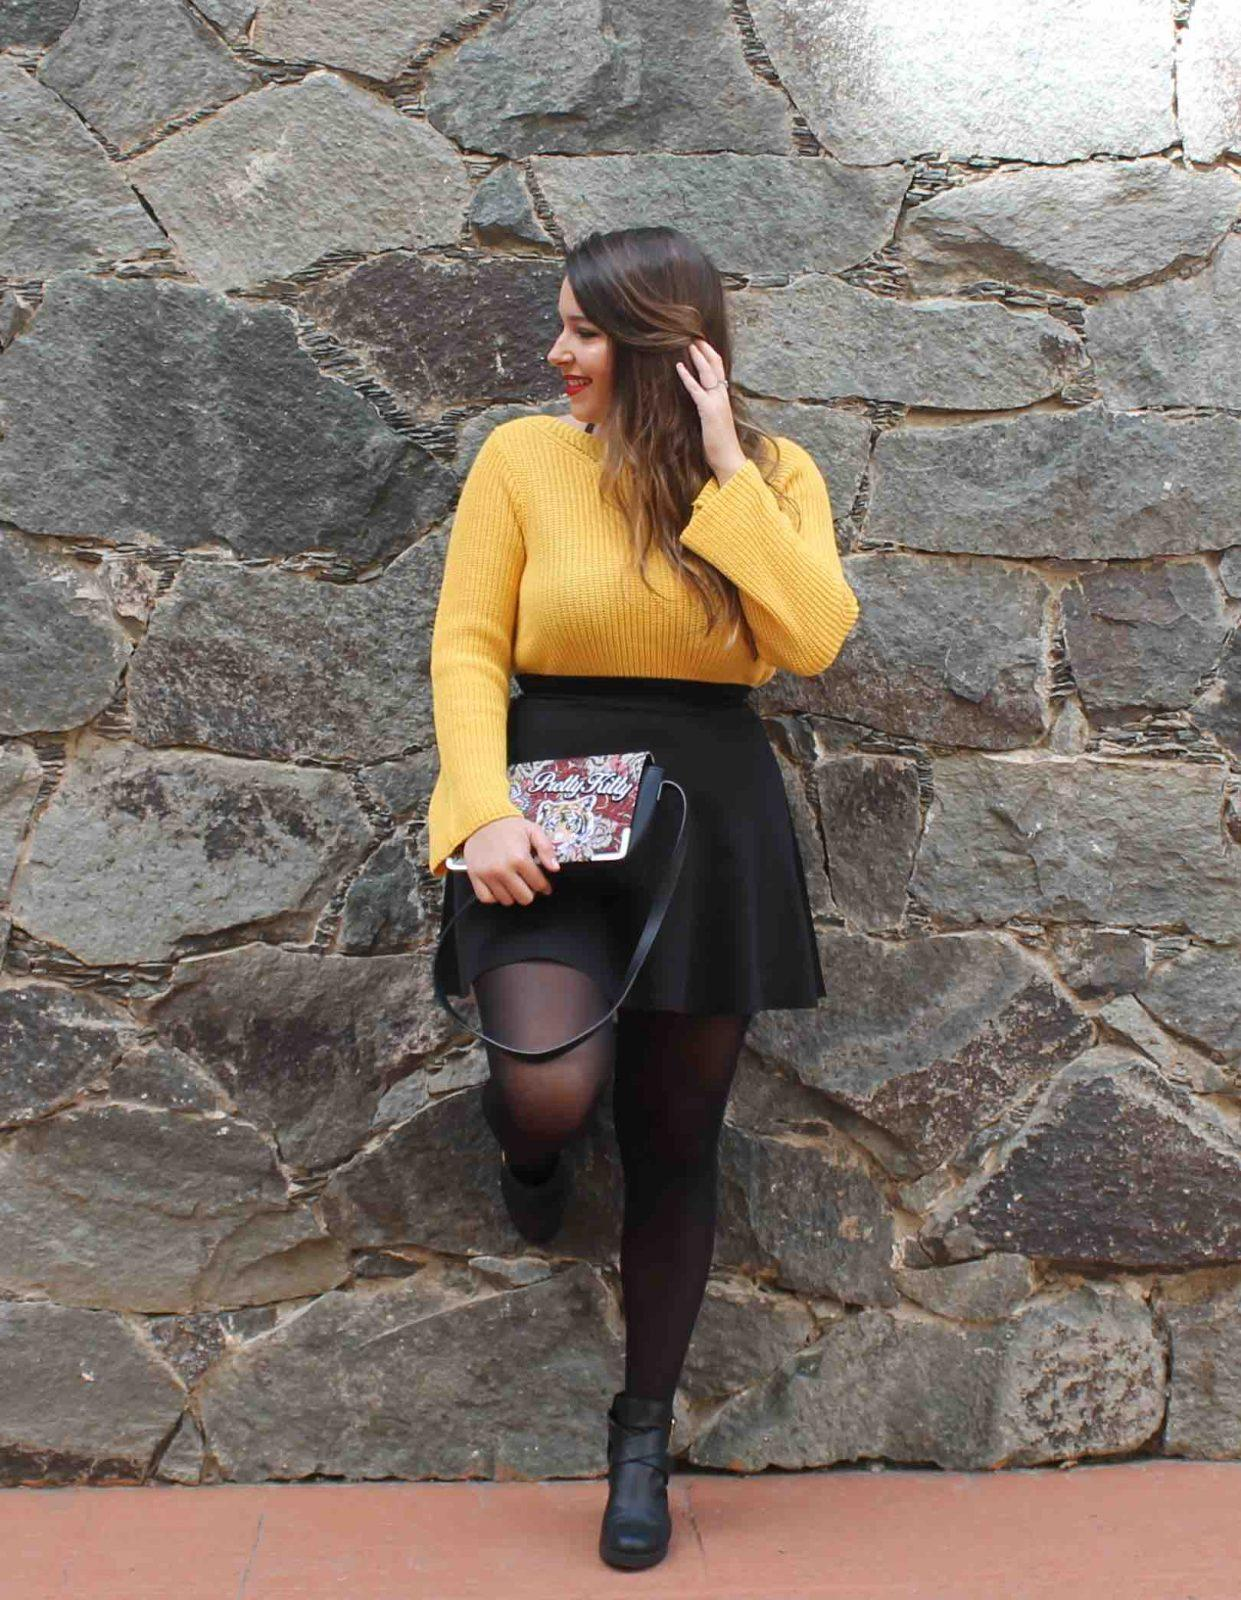 marikowskaya streete style amanda jersey amarillo (5)